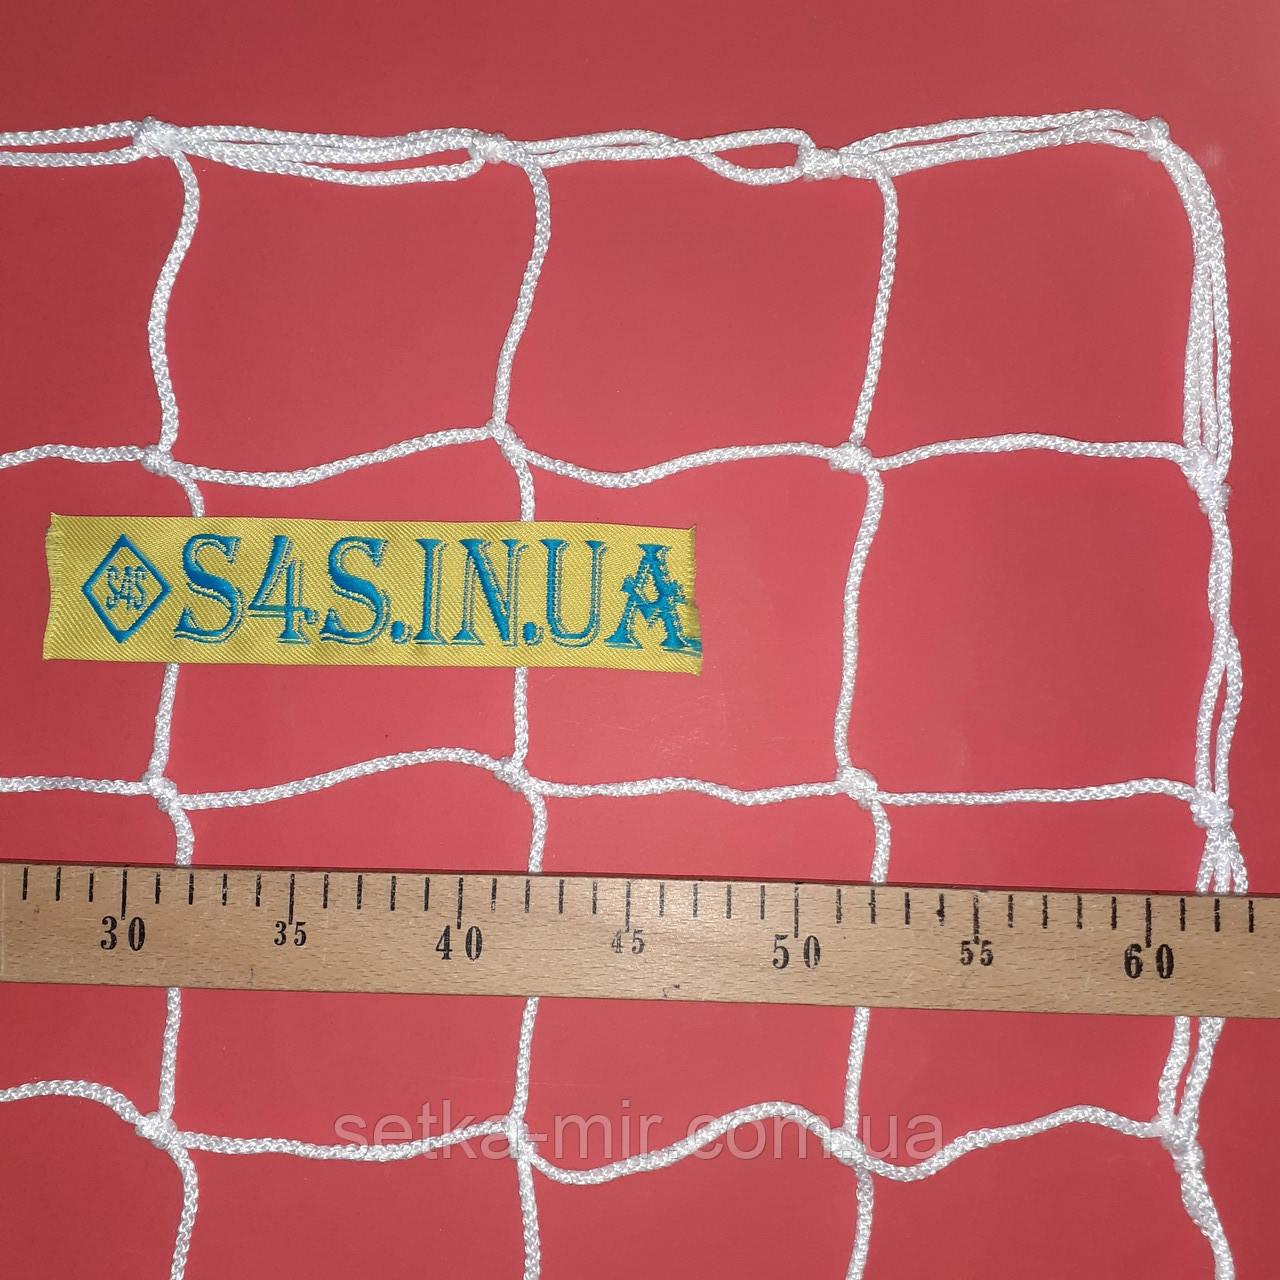 Сетка для футбола повышенной прочности «ЭЛИТ» белая (комплект 2 шт.)